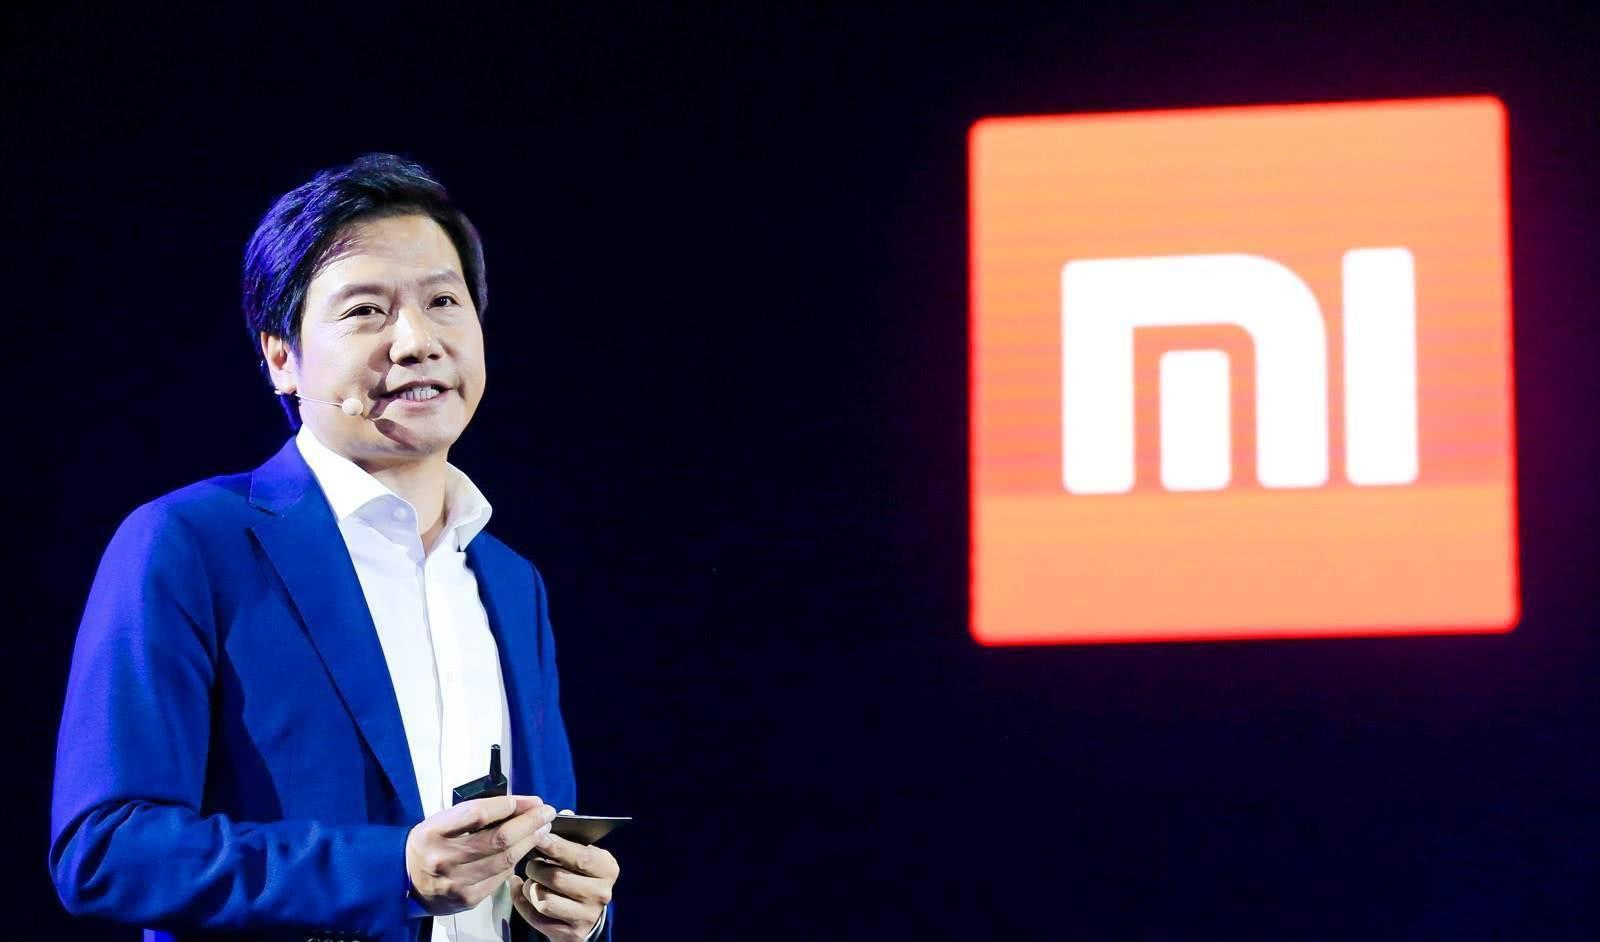 小米第三季报营收722亿元净利润41亿元智能手机出